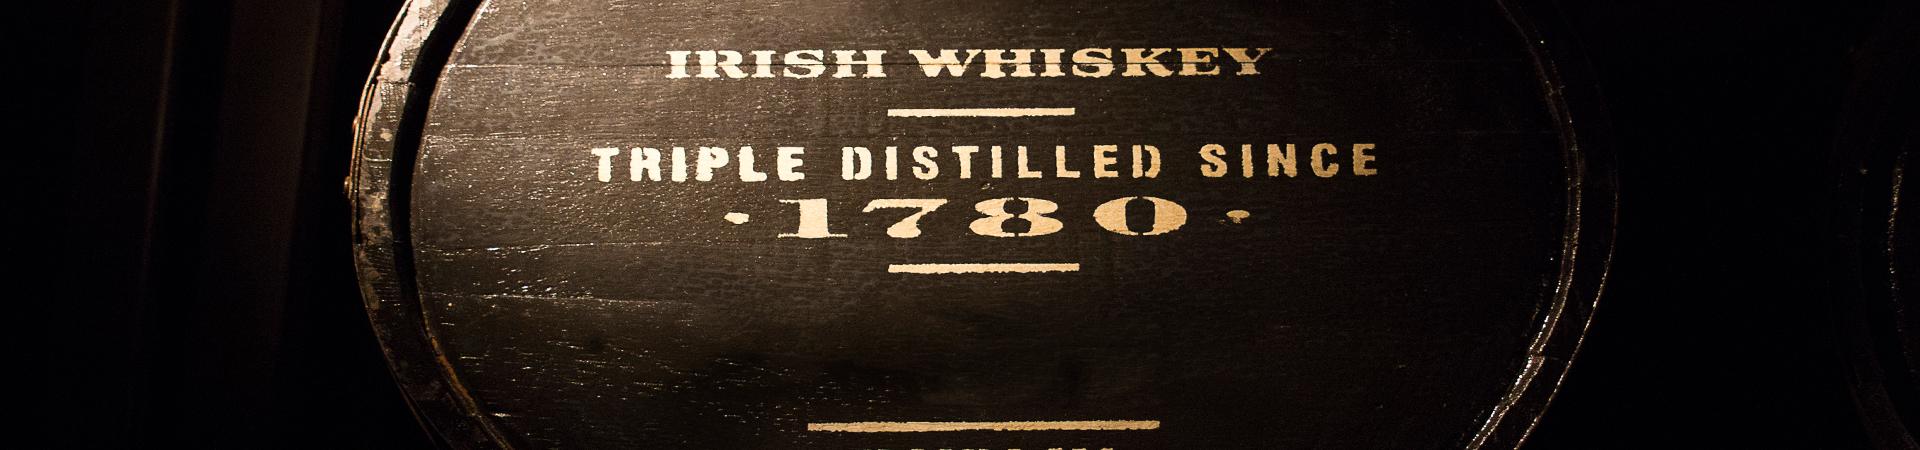 וויסקי אירי - Irish Whisky